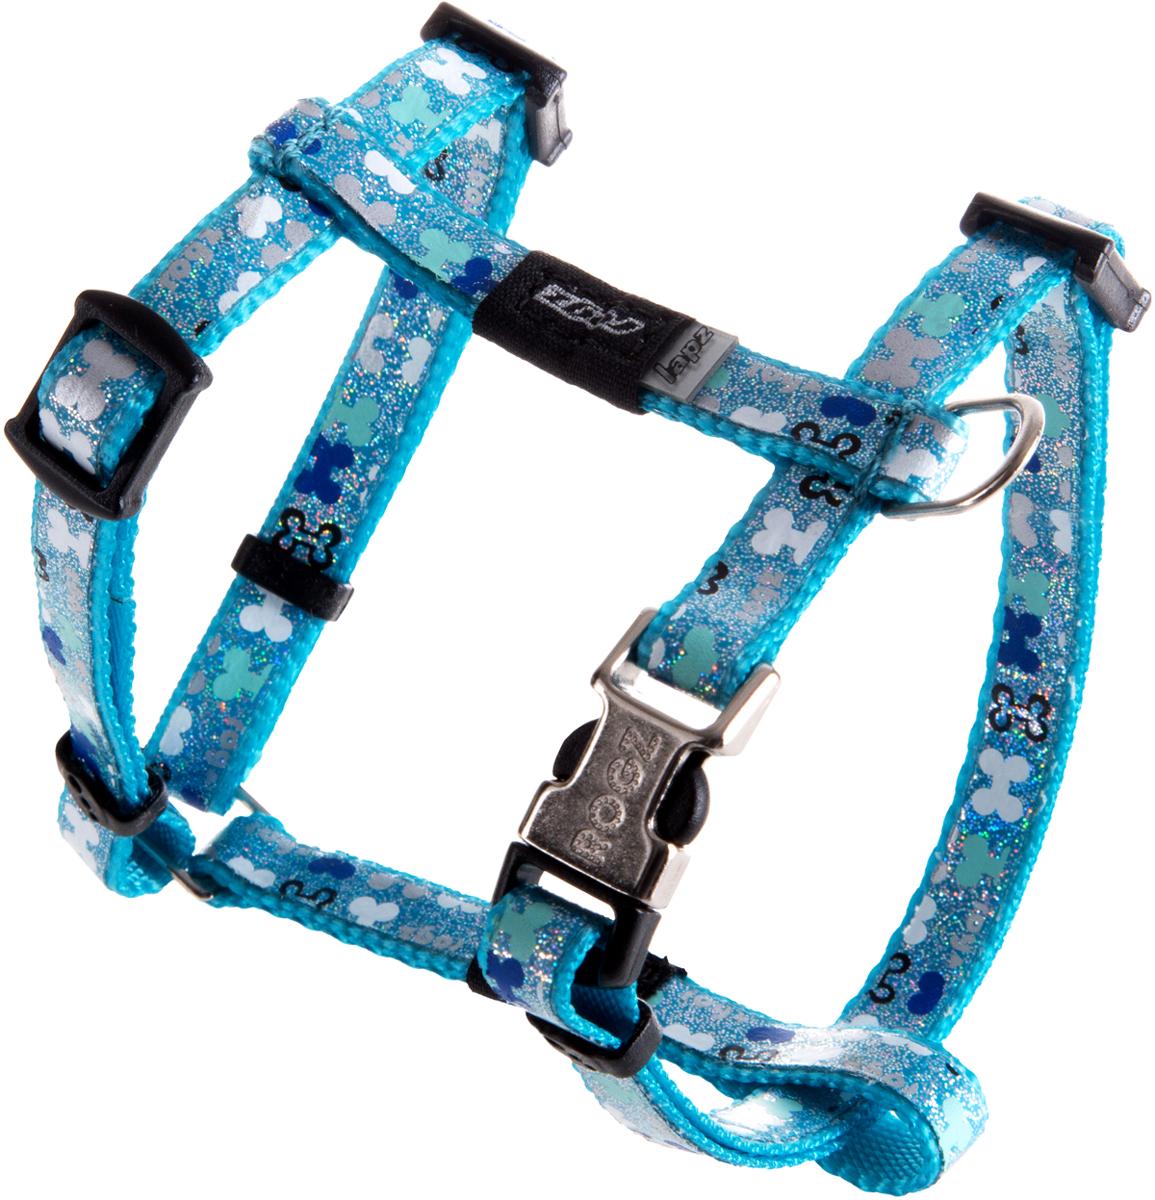 Шлейка для собак Rogz  Trendy , цвет: голубой, ширина 0,8 см. Размер XS - Товары для прогулки и дрессировки (амуниция)